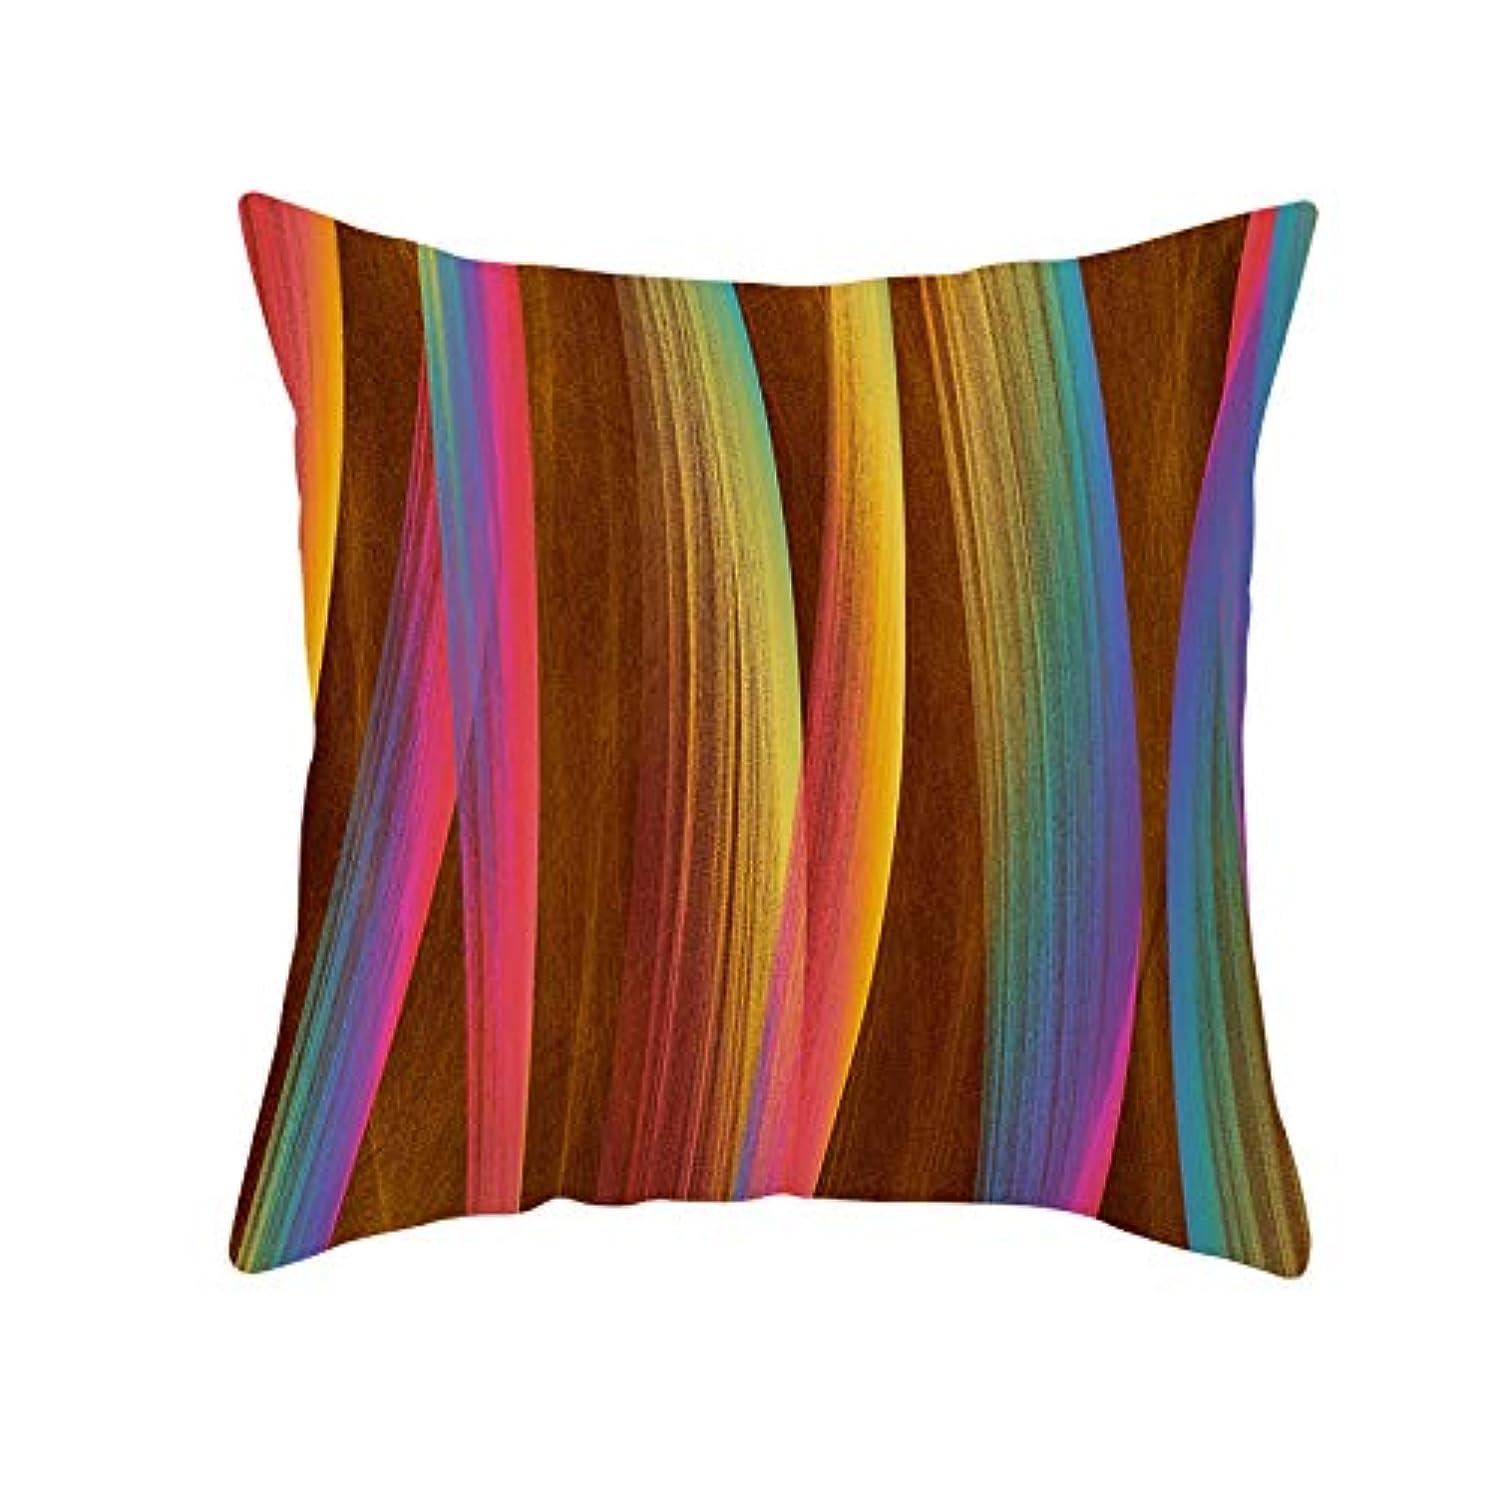 ギャラントリー同意するエーカーLIFE 装飾クッションソファ 幾何学プリントポリエステル正方形の枕ソファスロークッション家の装飾 coussin デ長椅子 クッション 椅子